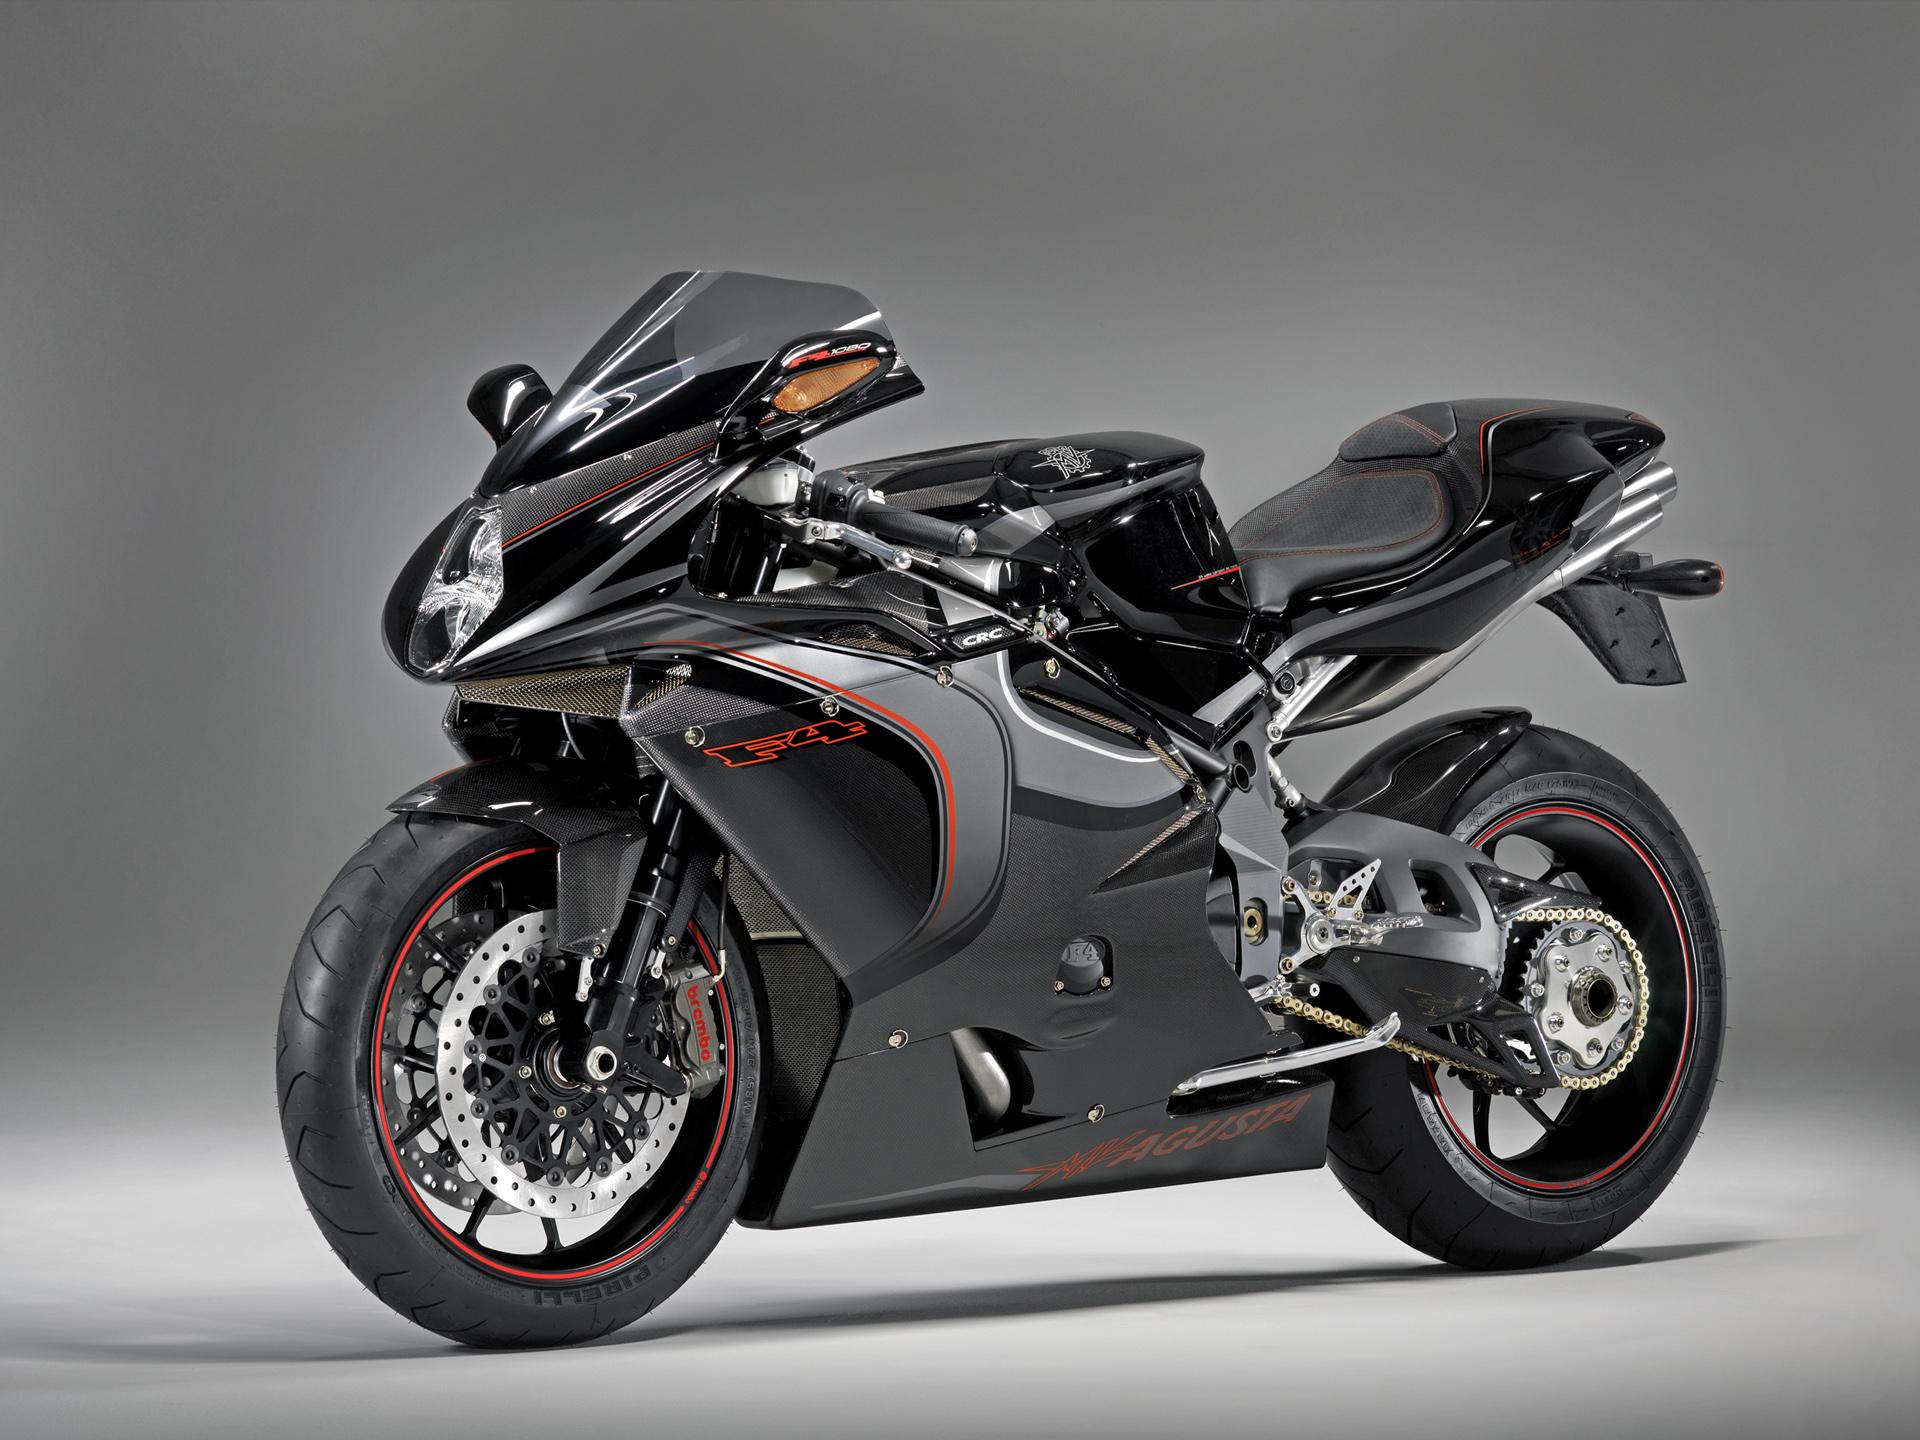 Самые крутые мотоциклы - Agusta F4 CC